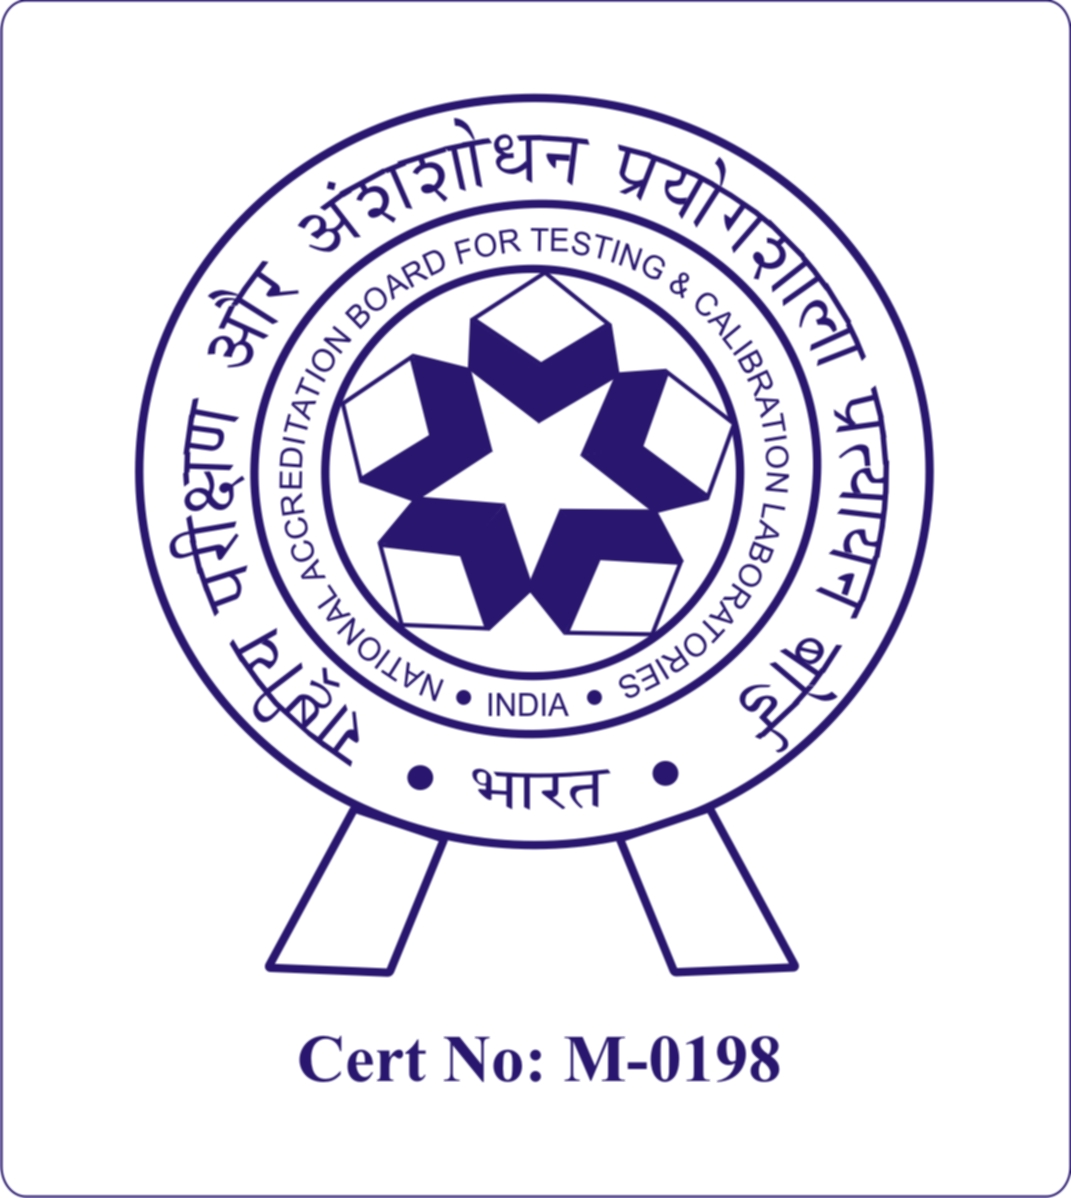 Nabl logo